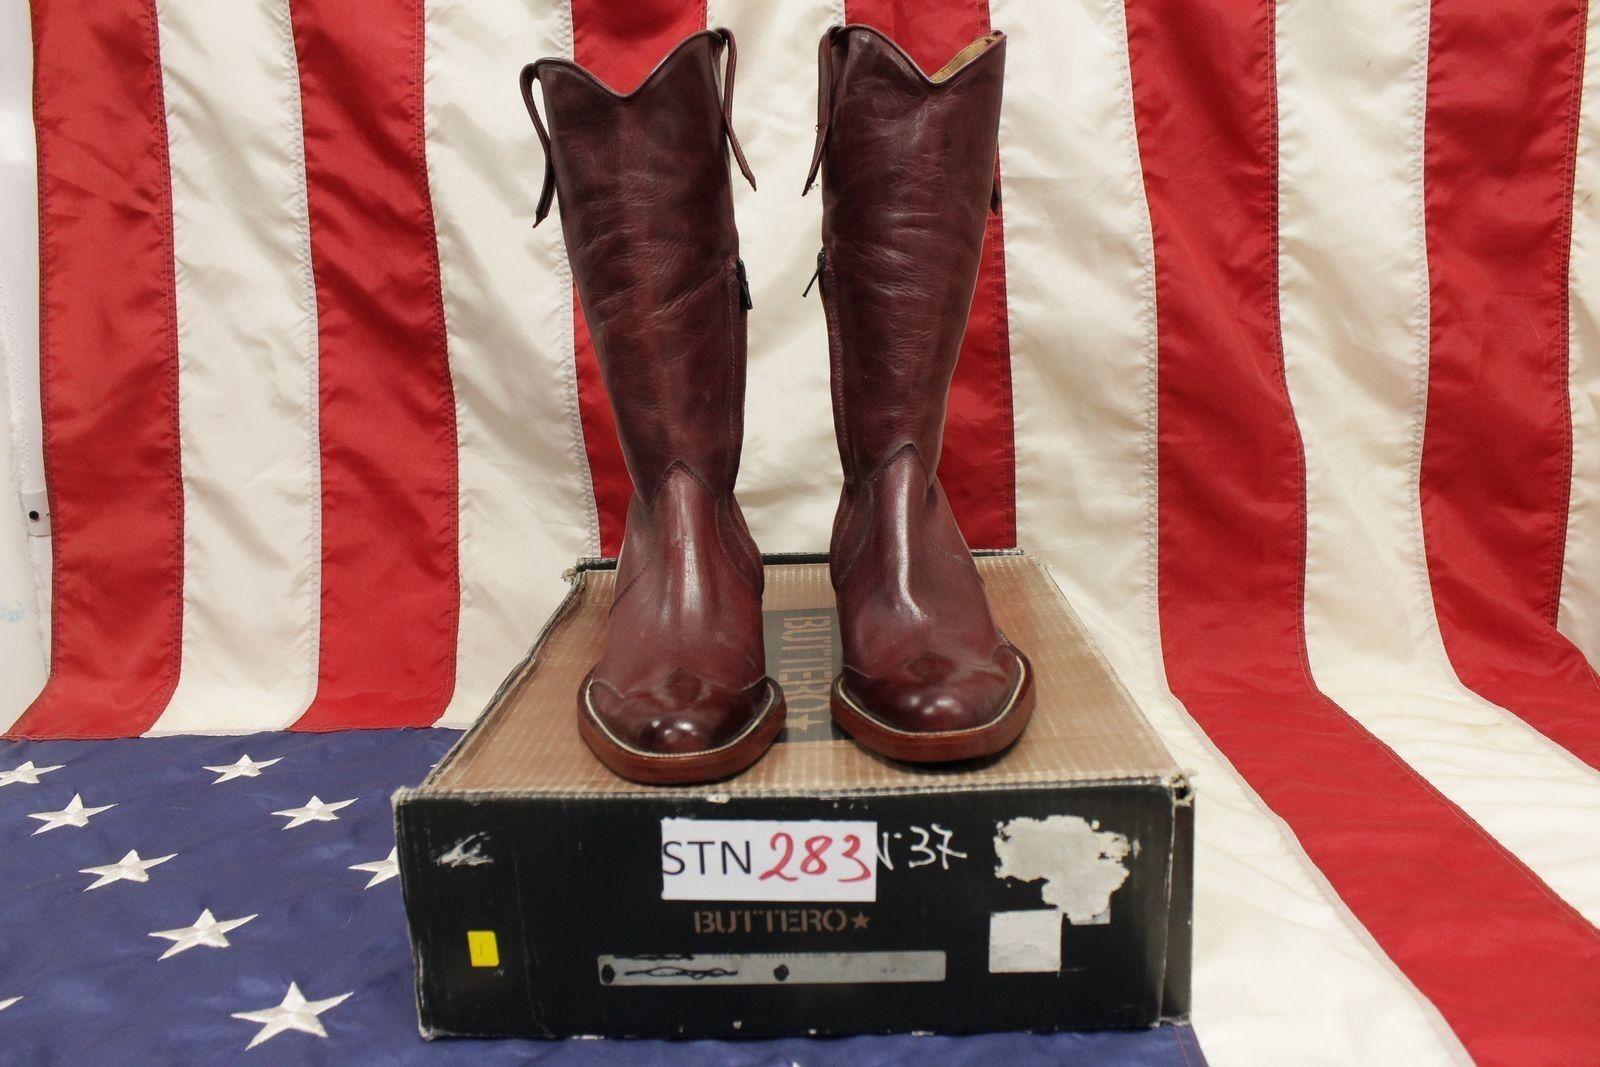 Stiefel Buttero N.37 (cod. STN283) STN283) STN283) Stiefel Western Country Cowboy neu ca9ef0